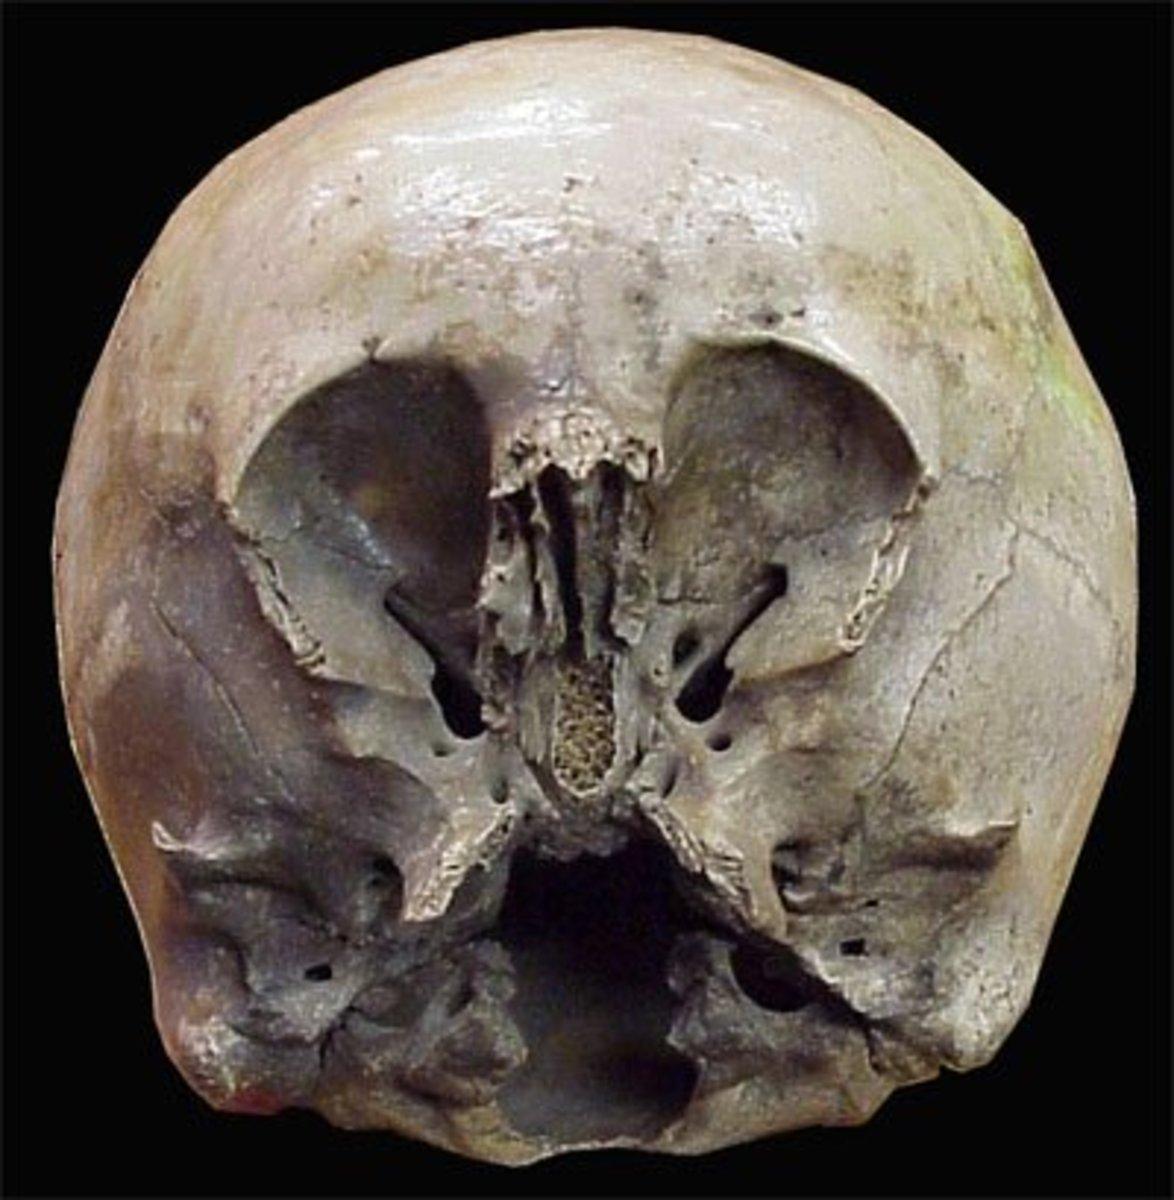 Courtesy Loyd Pye     Star Child Skull